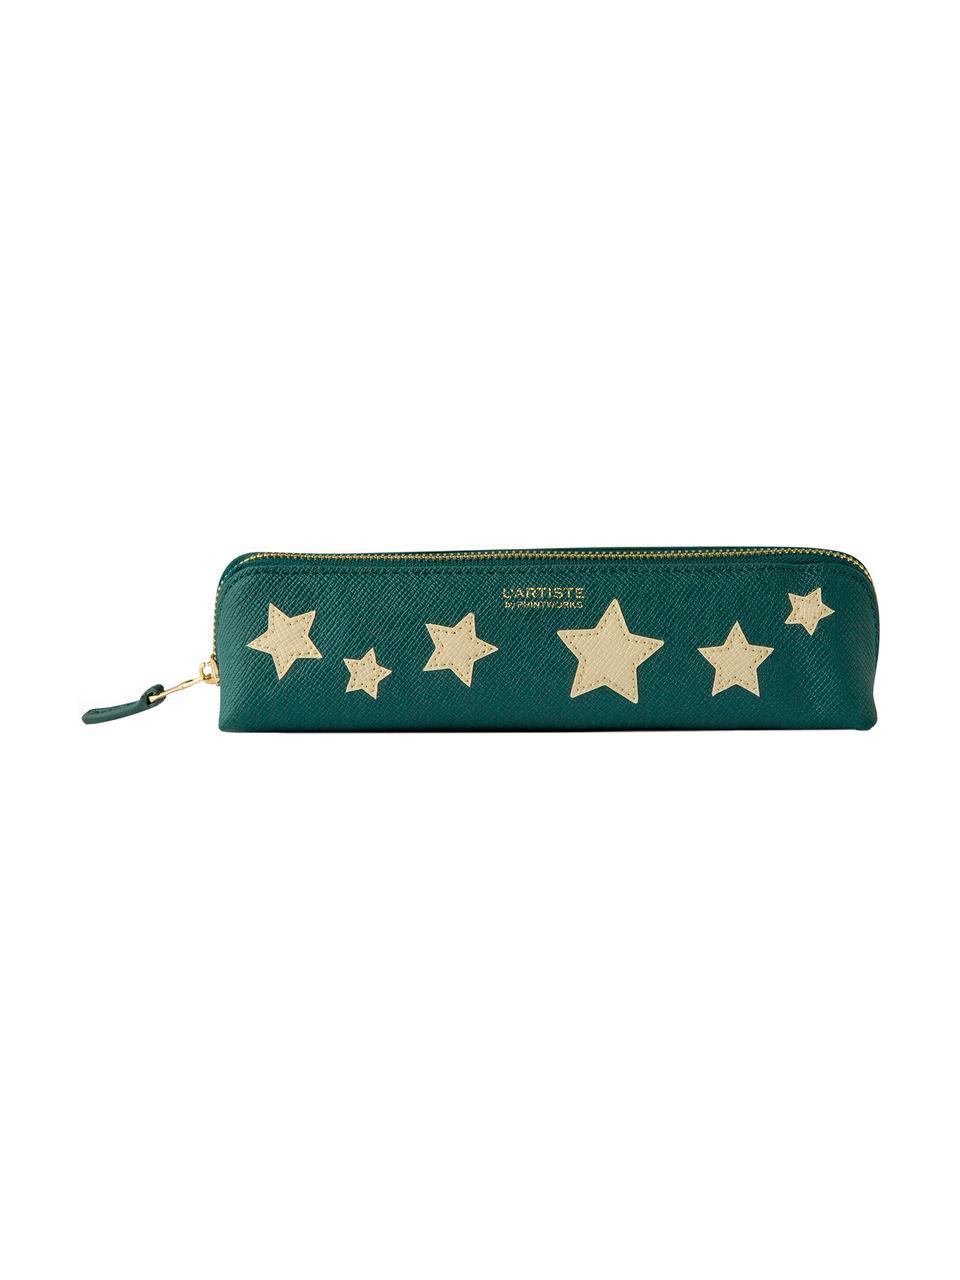 Stifte-Etui Stars, Kunstleder, Beige, Grün, Goldfarben, 21 x 6 cm